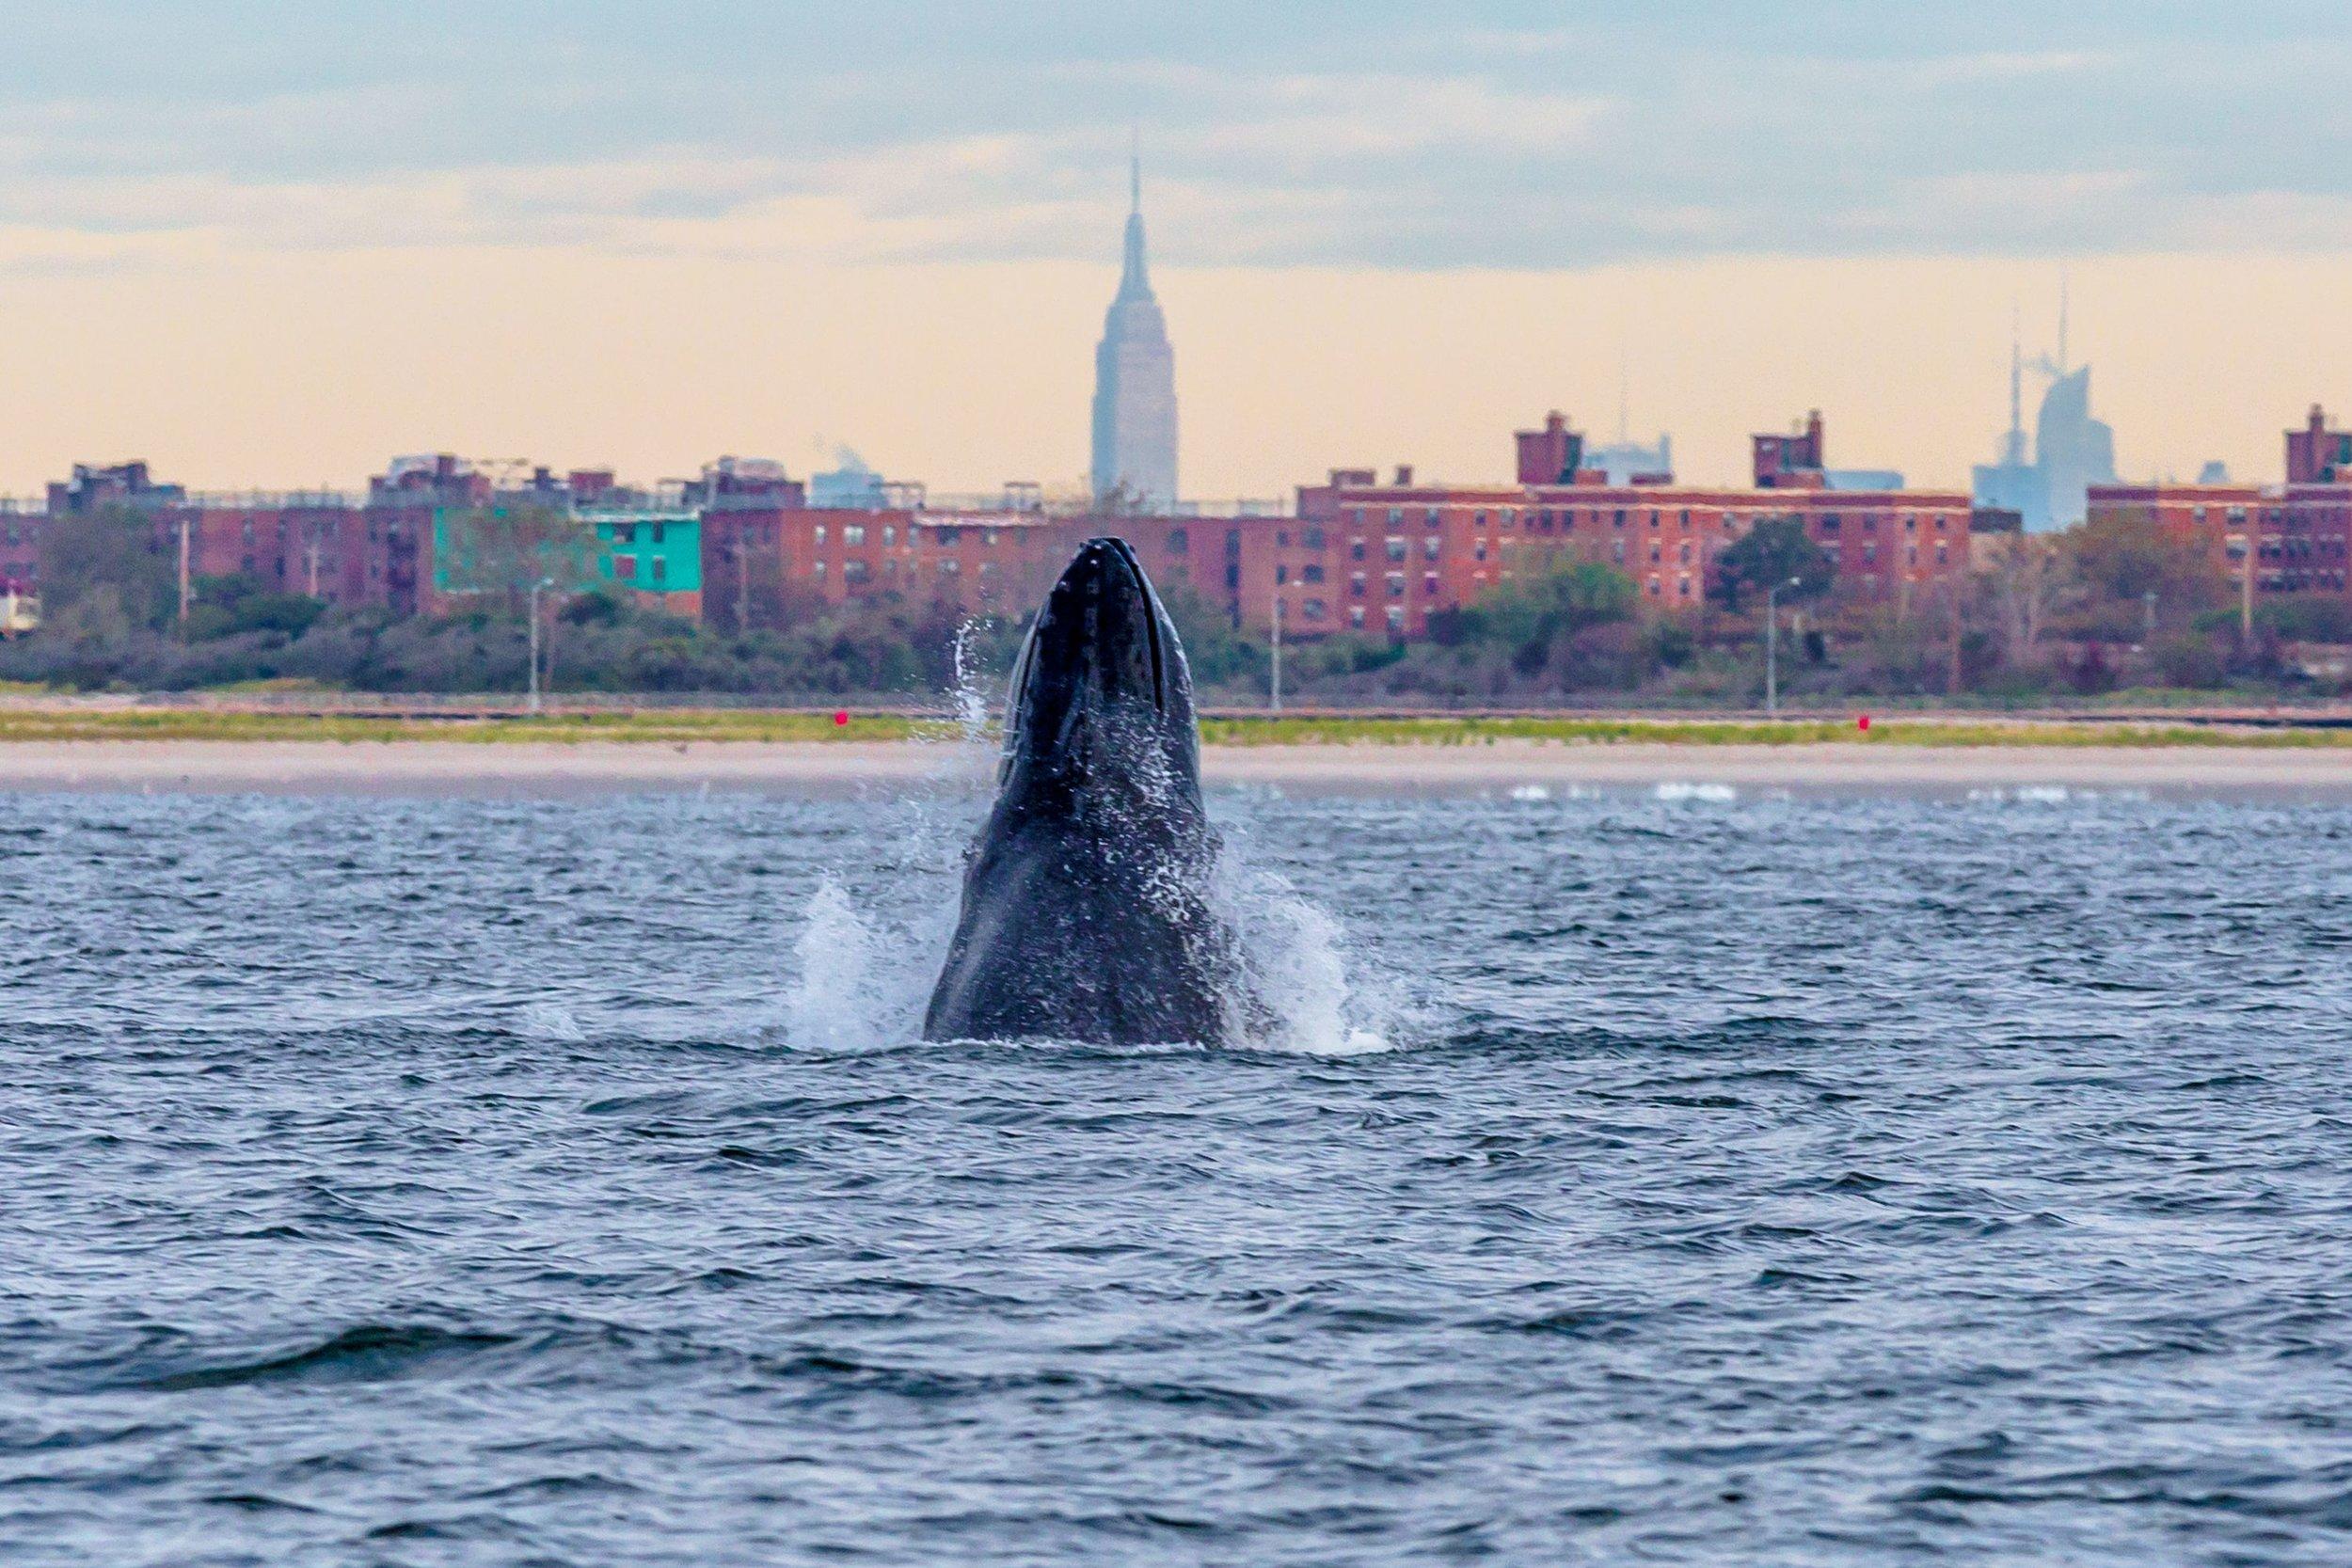 1496924002-balene-new-york.jpg